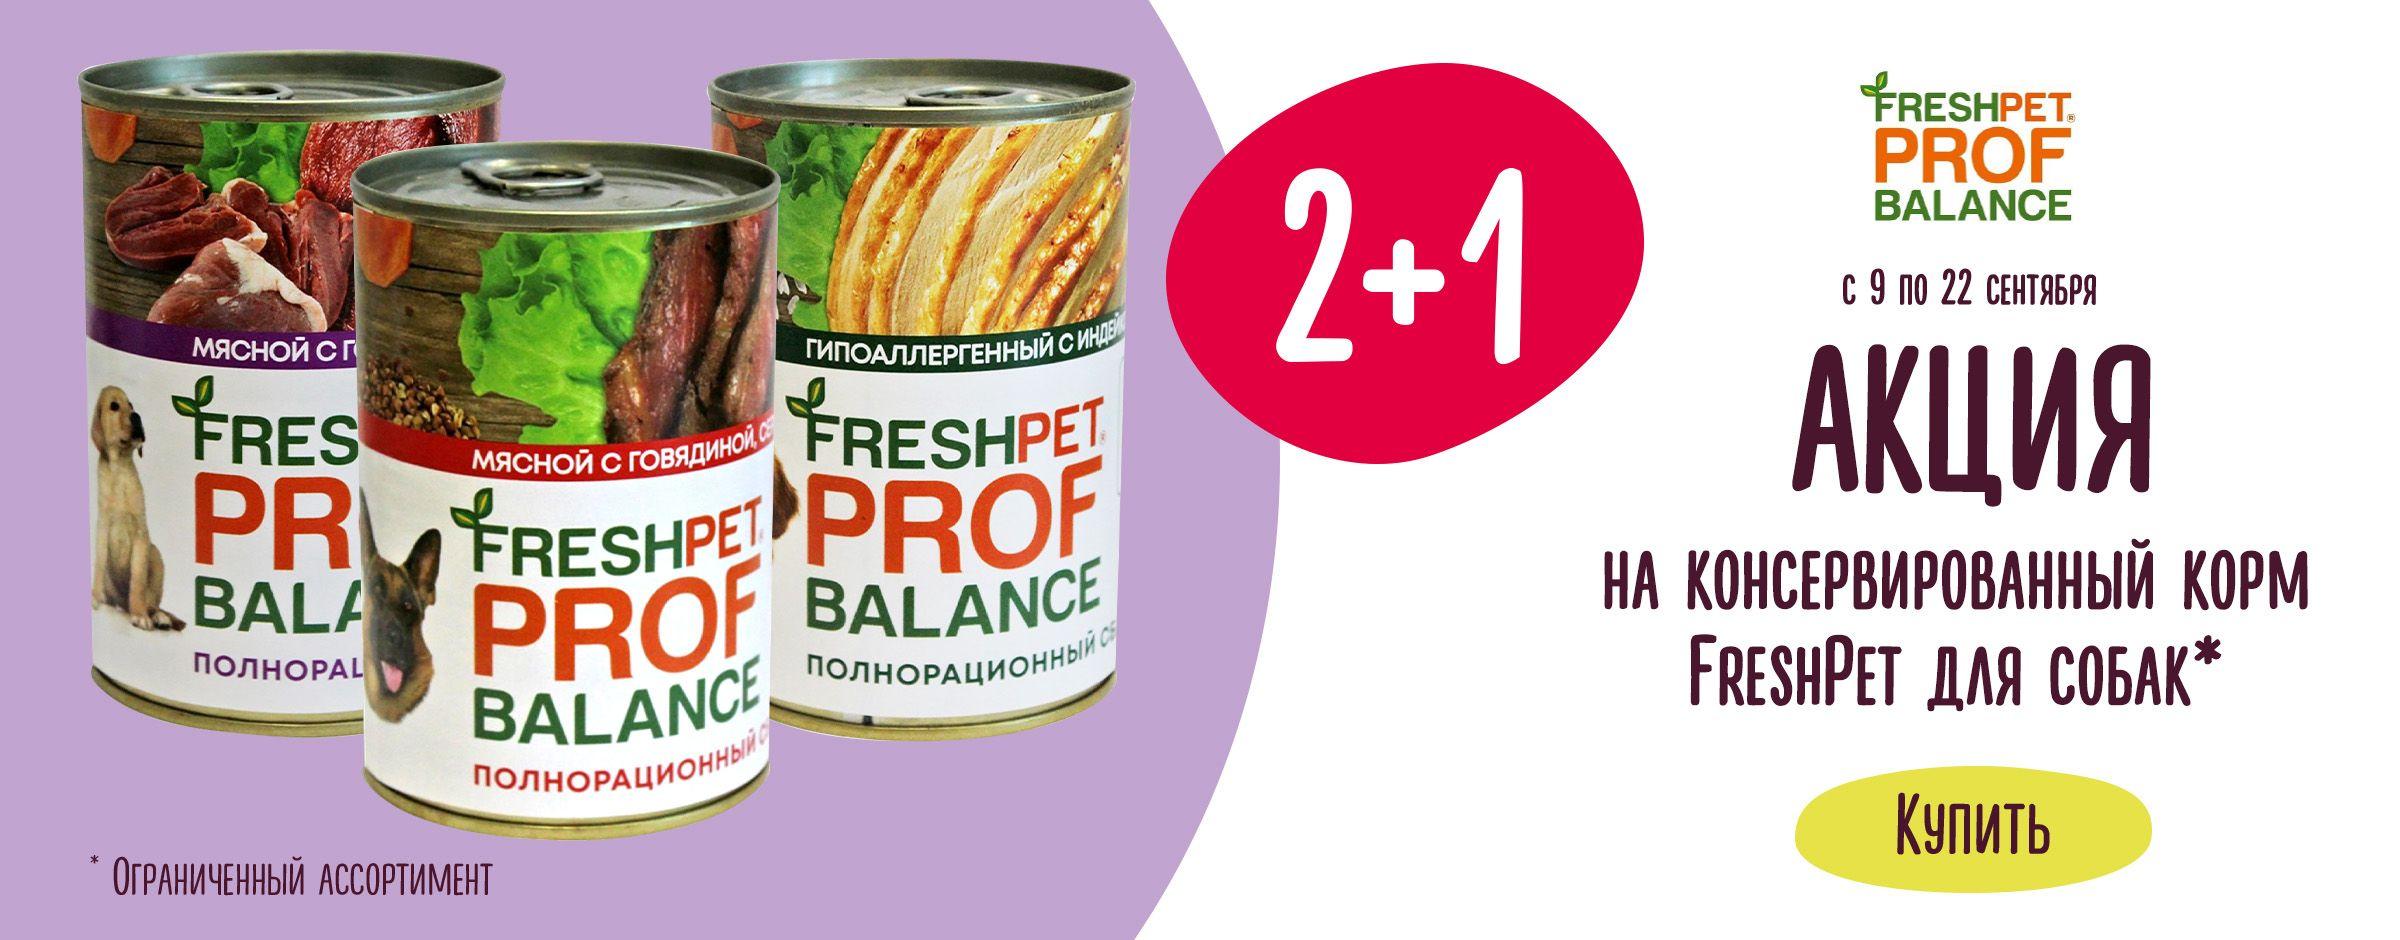 2+1 на консервированный корм FreshPet Листовка 18